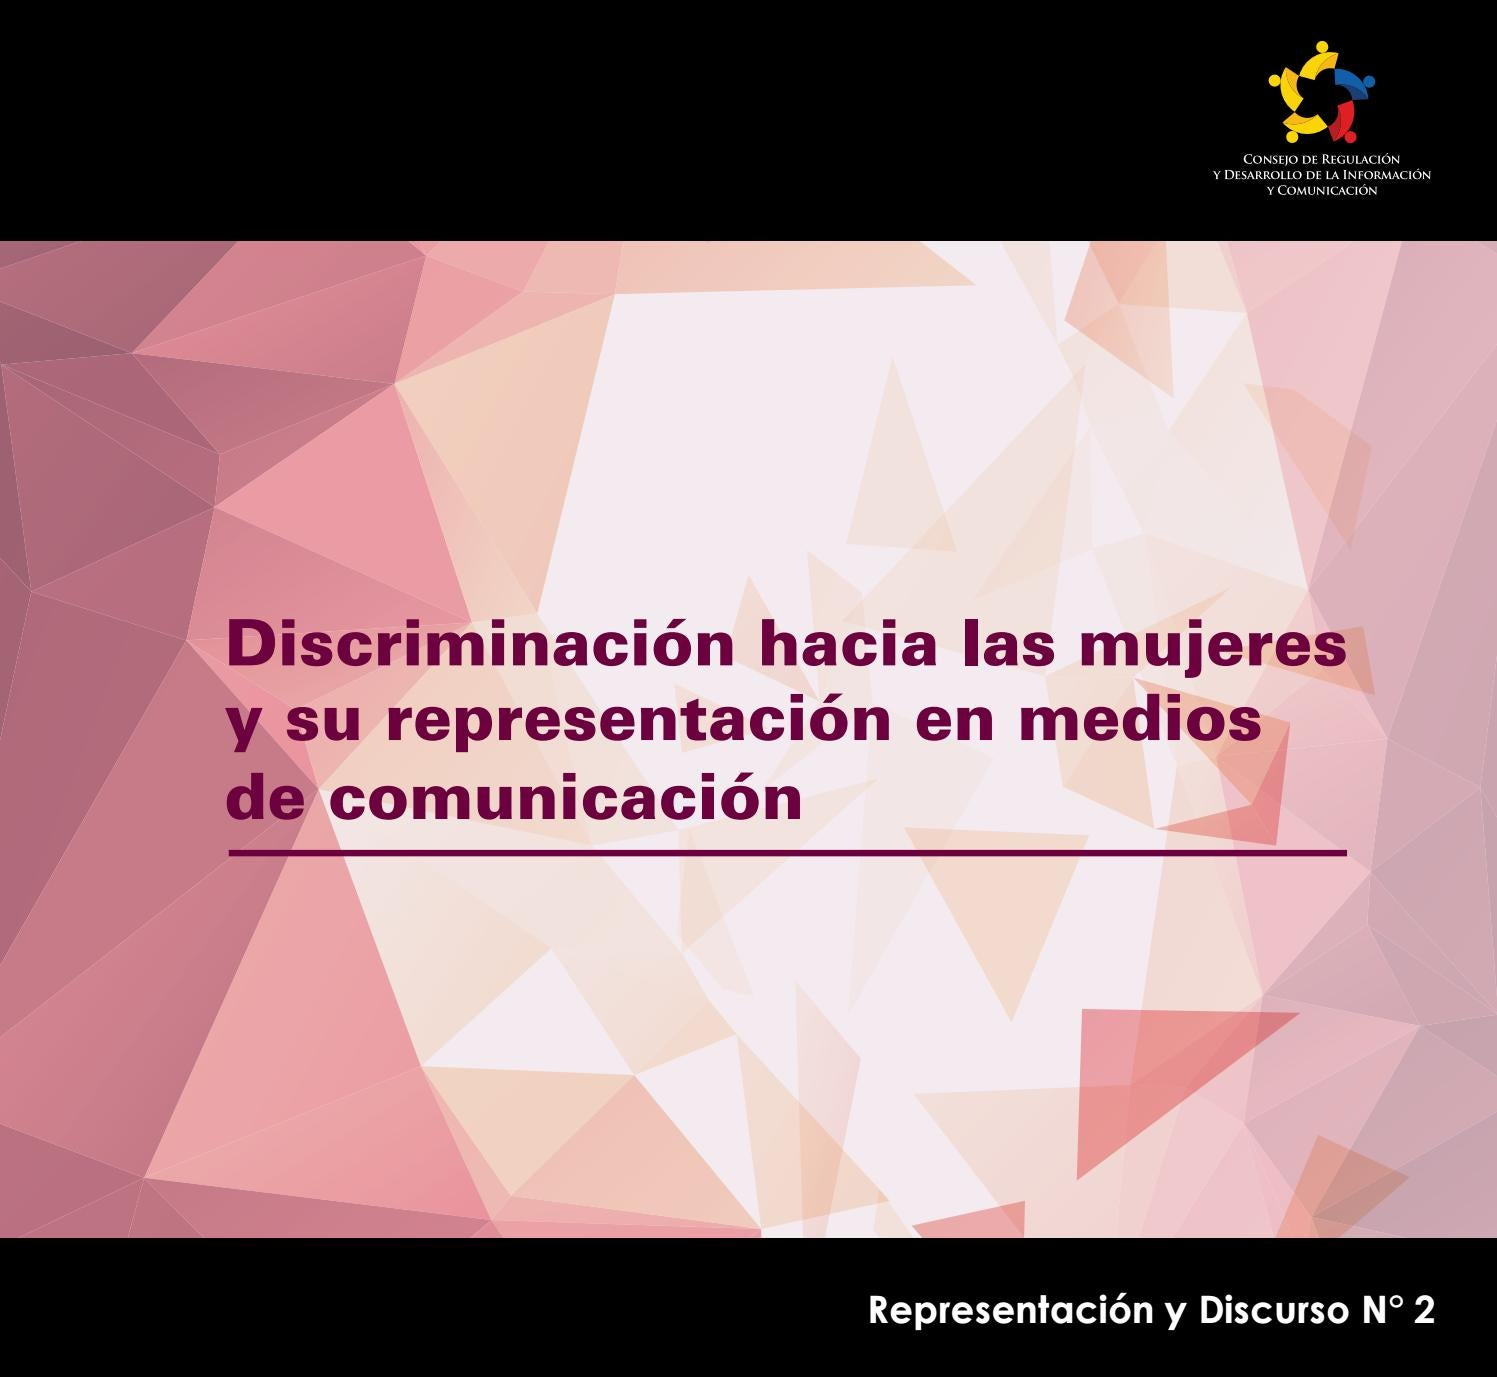 buy popular c32c8 12c37 Discriminación hacia las mujeres y su representación en medios de  comunicación by Consejo de Regulación Cordicom - issuu